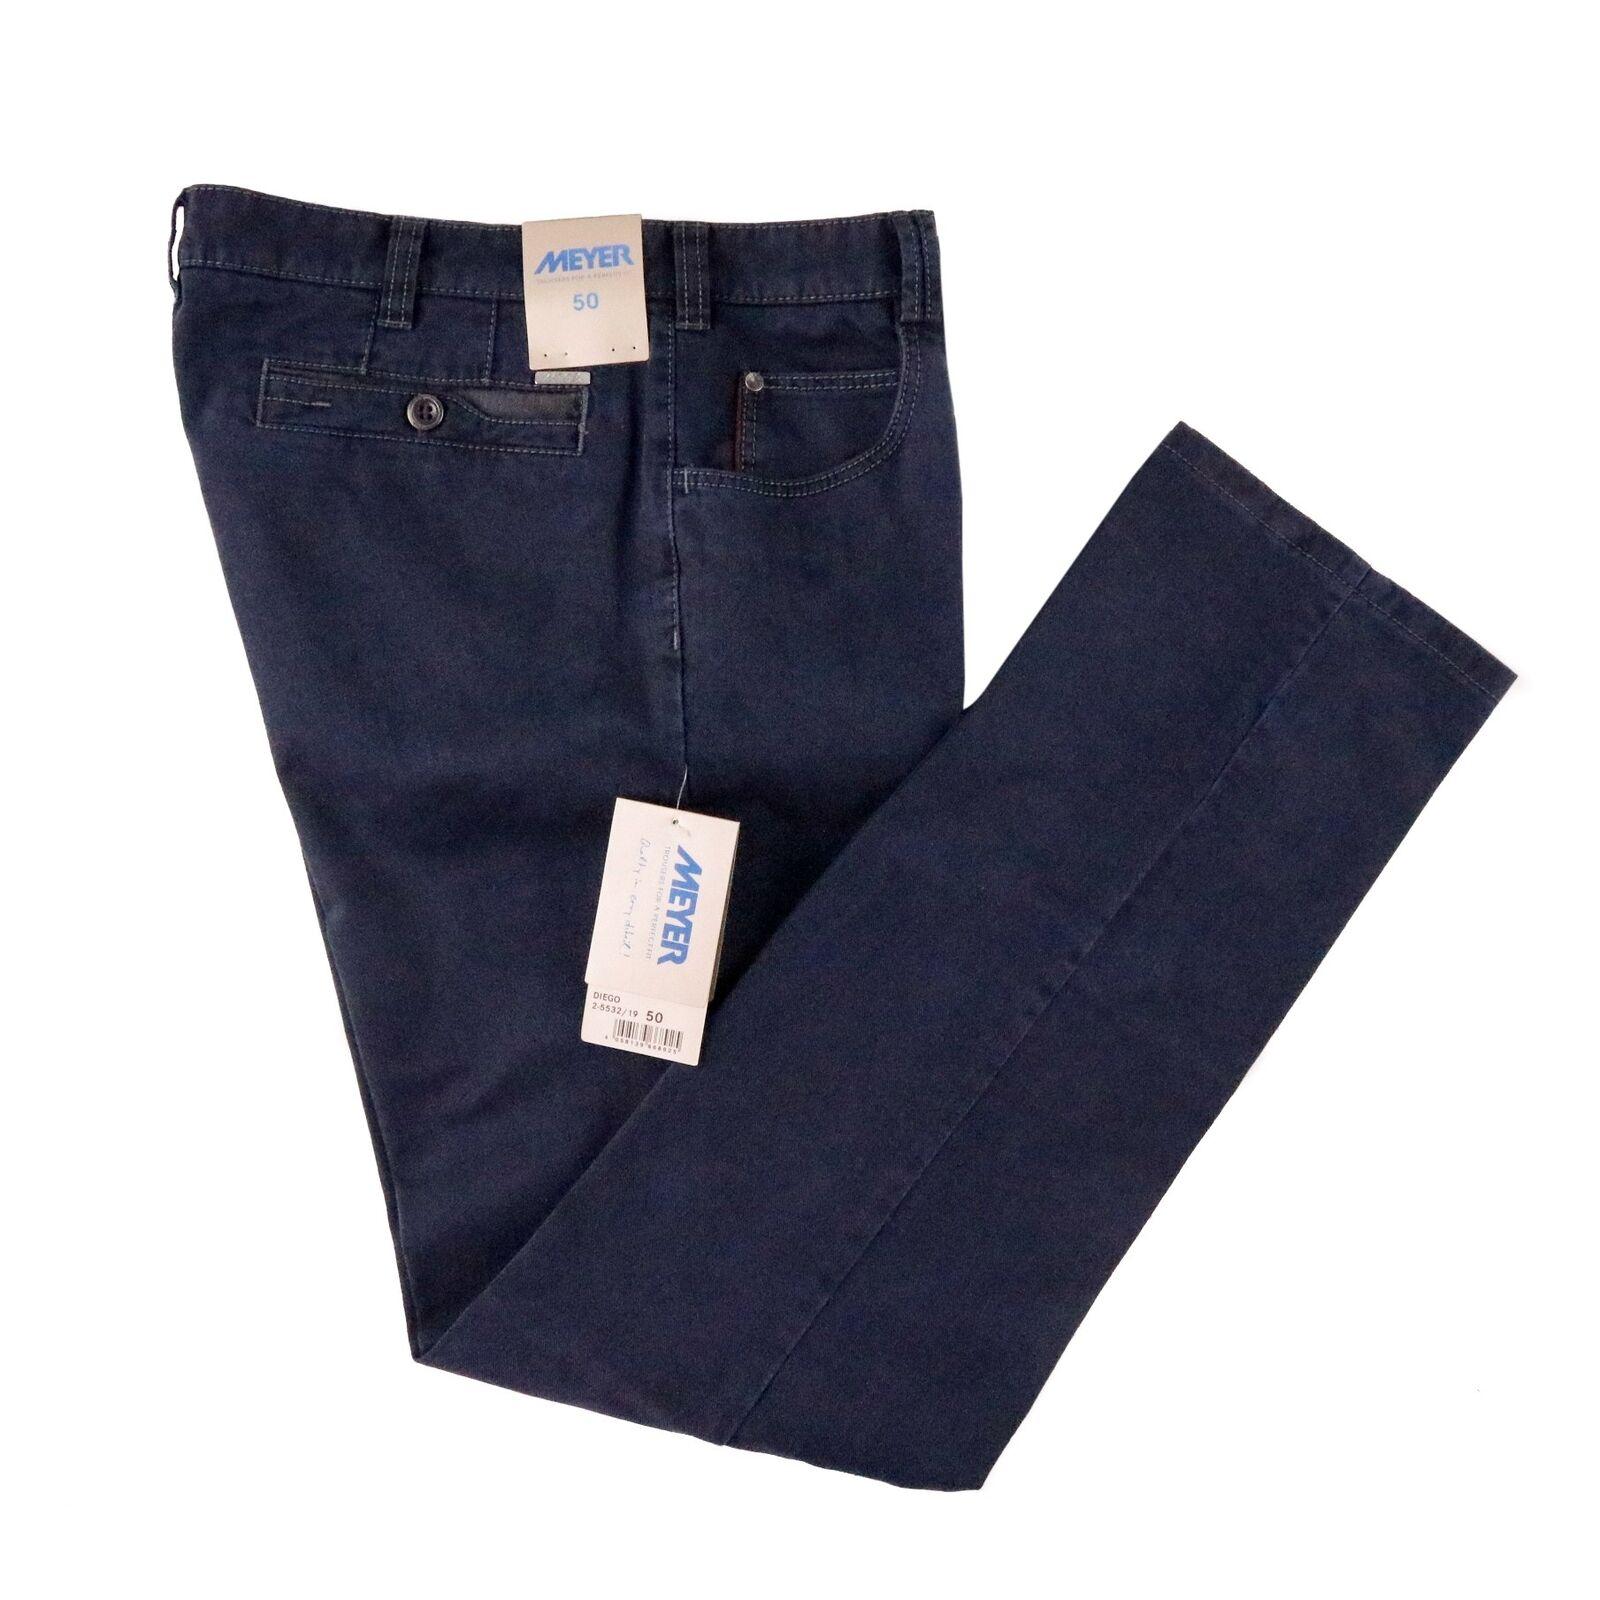 Nwt Meyer Diego Stahlblau Baumwolle Denim 5 Tasche Hose Jeans 50 34